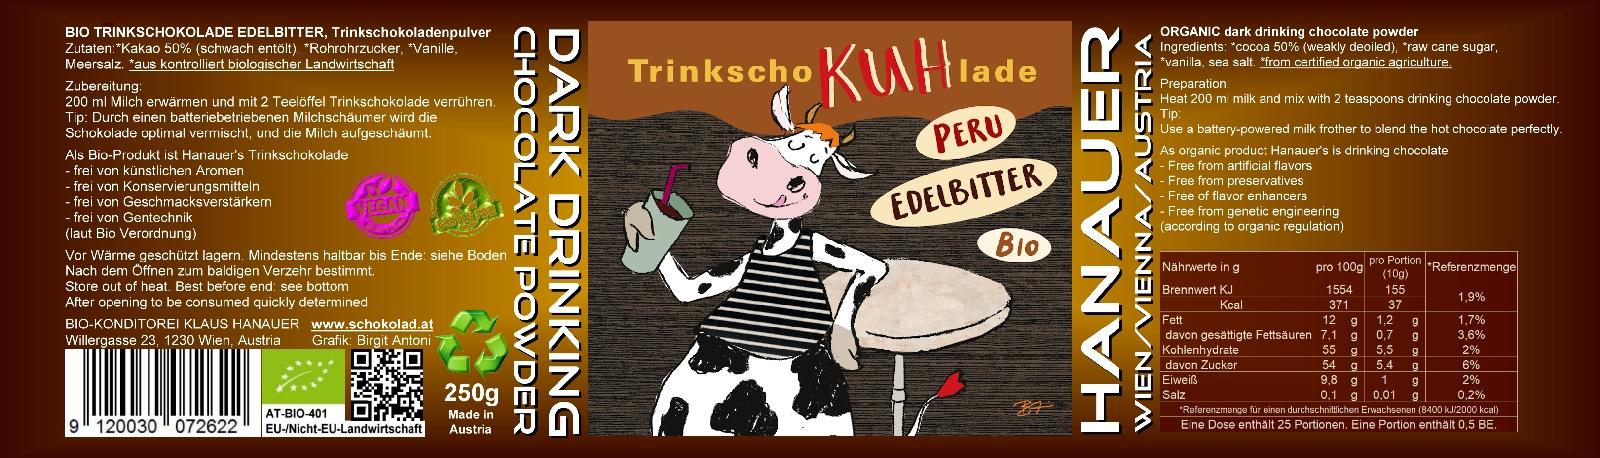 Bio Trink SchoKUHlade Edelbitter Etikett